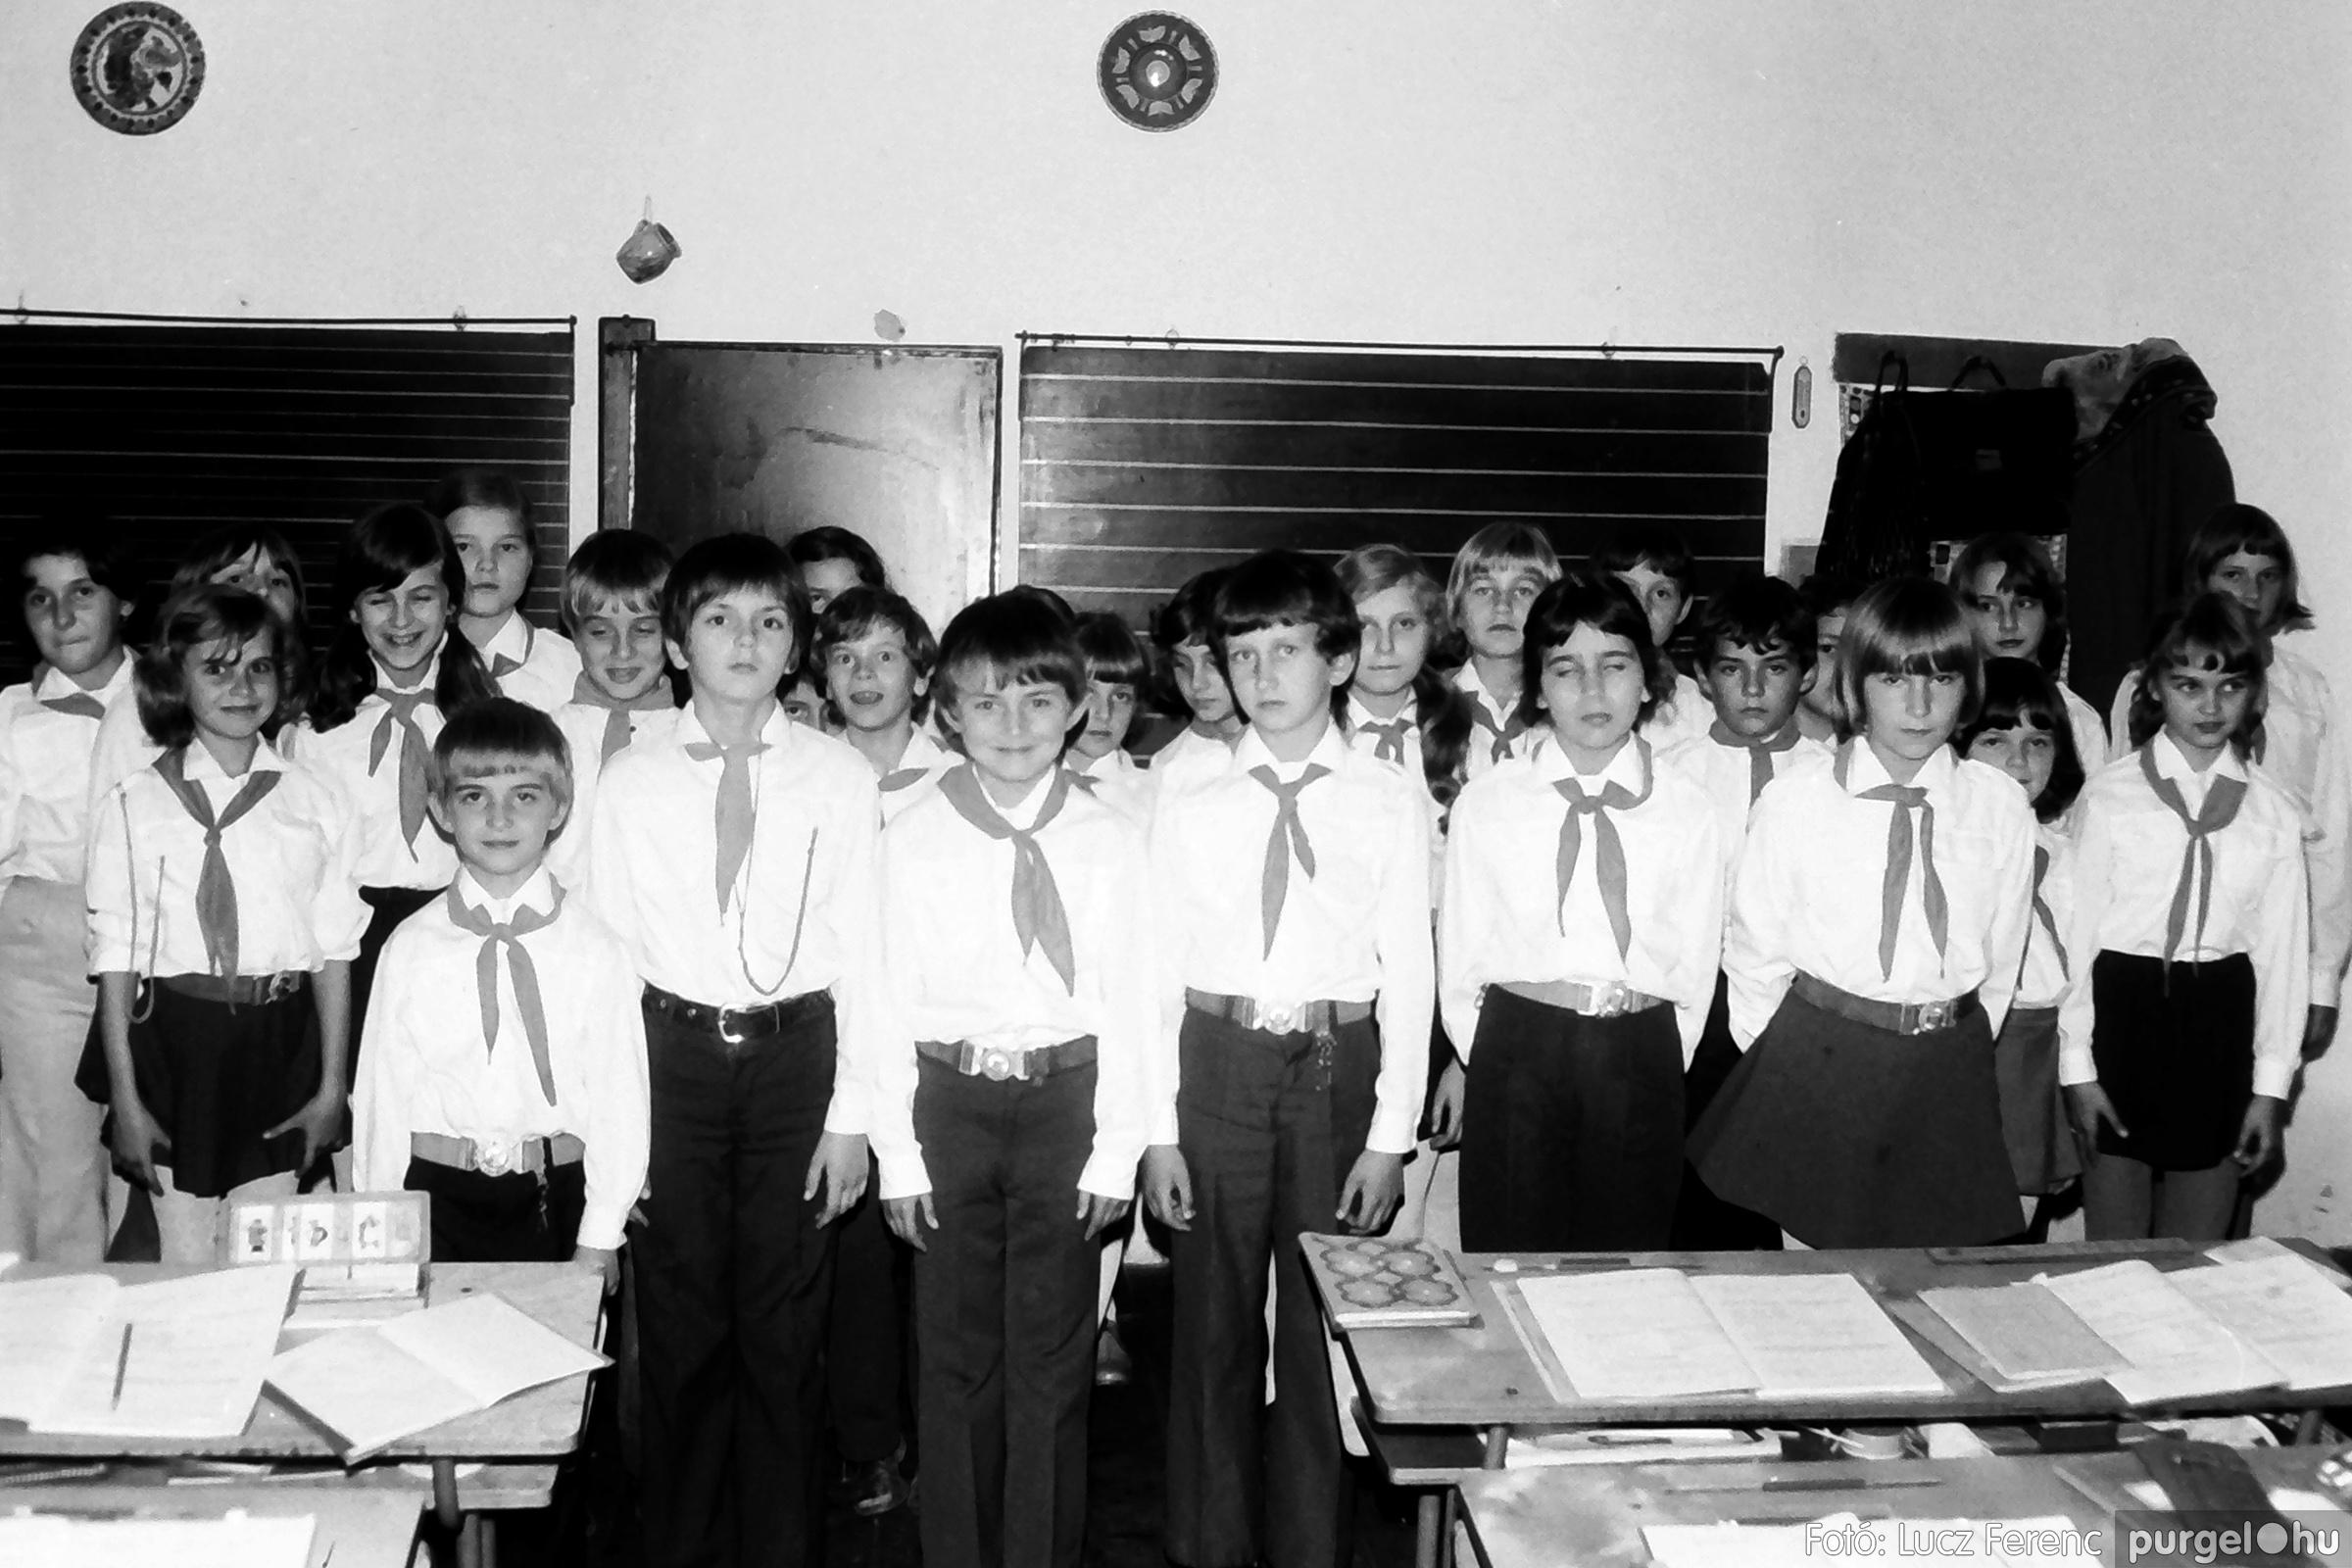 092. 1977. Úttörő rendezvény a Központi Általános Iskolában 004. - Fotó: Lucz Ferenc.jpg